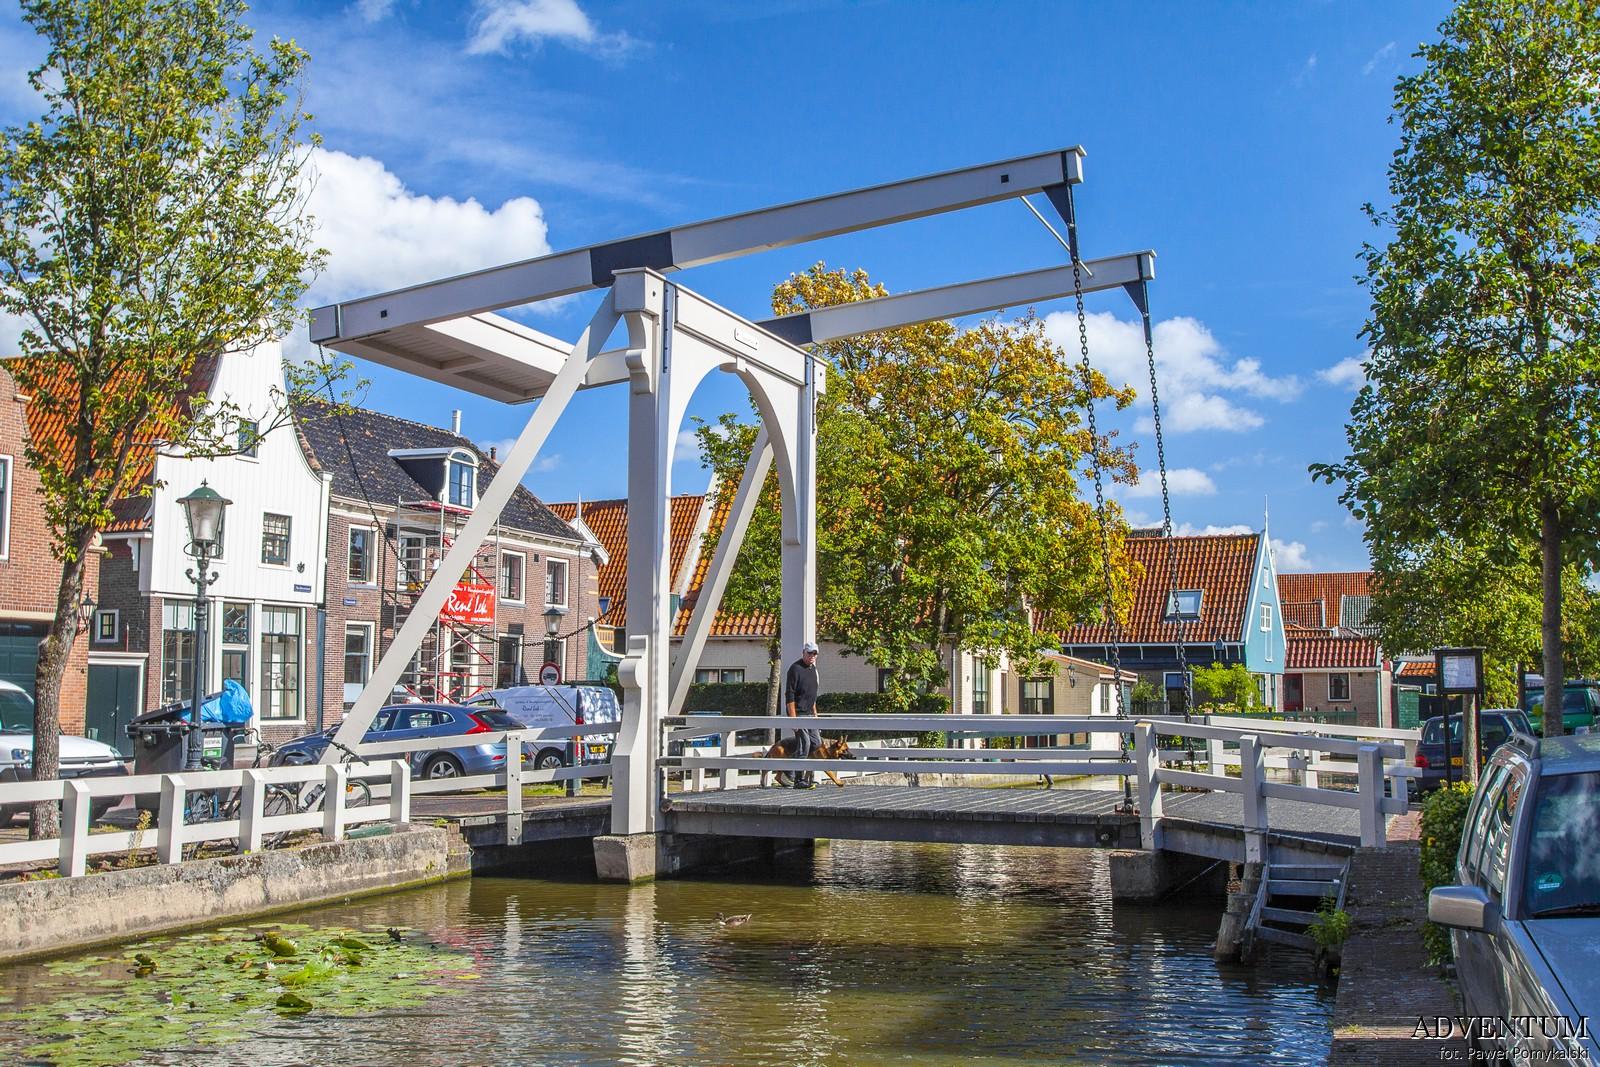 Holandia De Rijp Atrakcje Zwiedzanie co Zobaczyć Amsterdam Rotterdam Haga Kanały Wiatraki